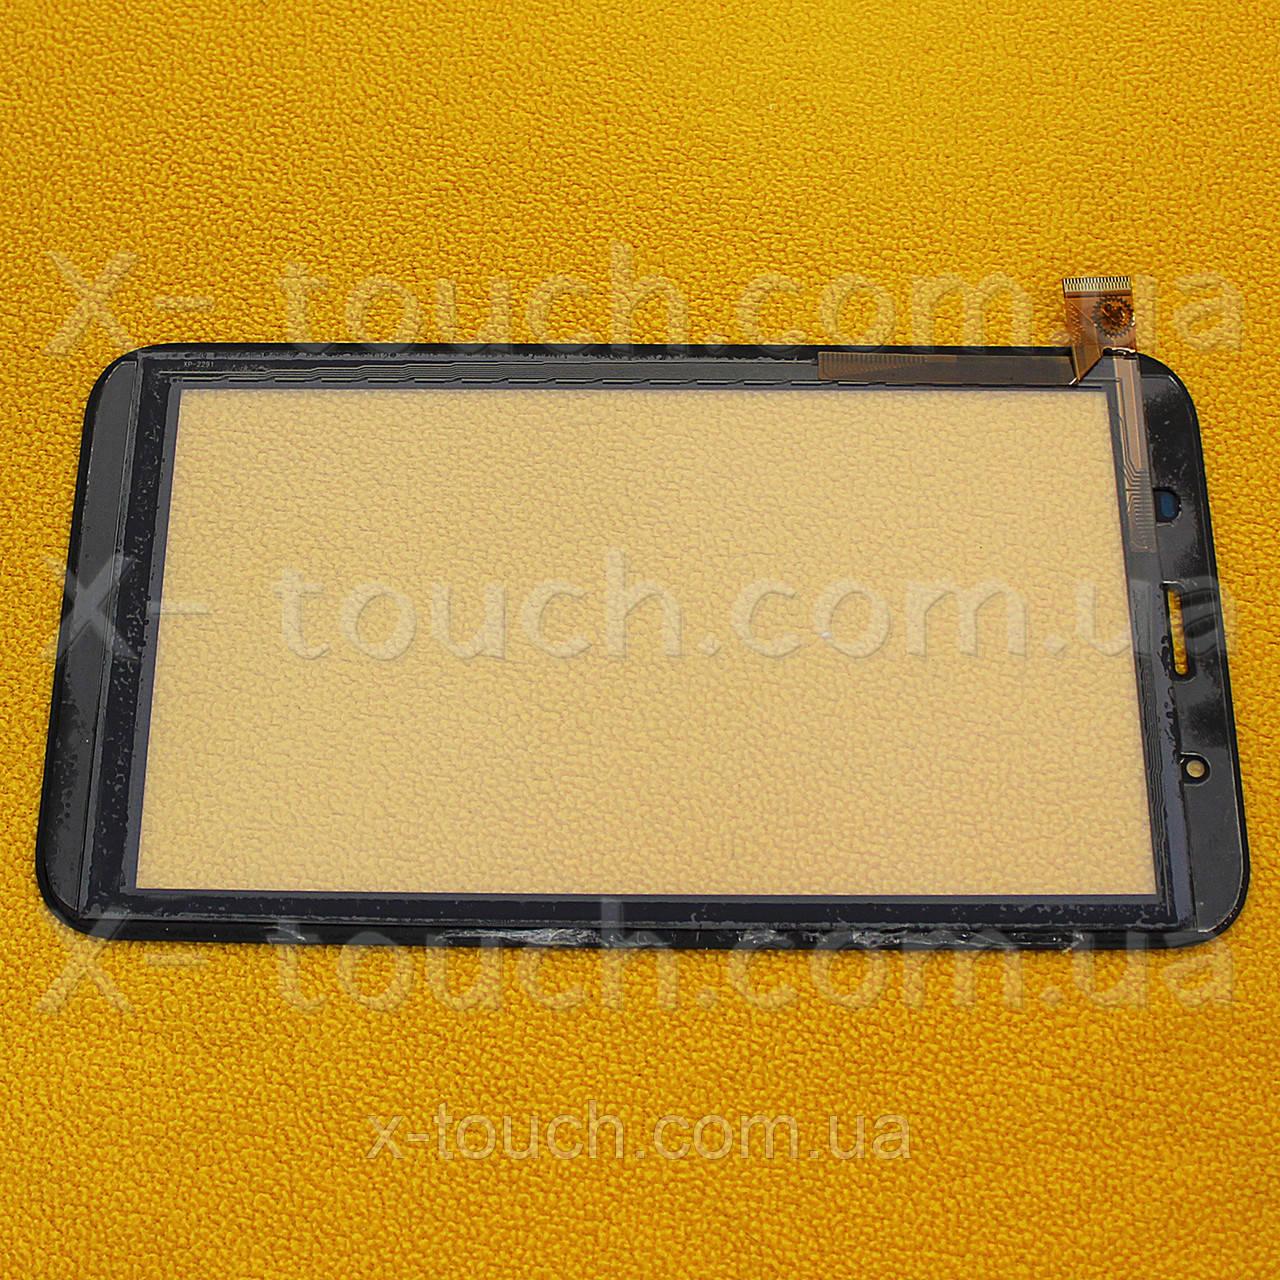 Тачскрин, сенсор  VOYO x6 3G  для планшета